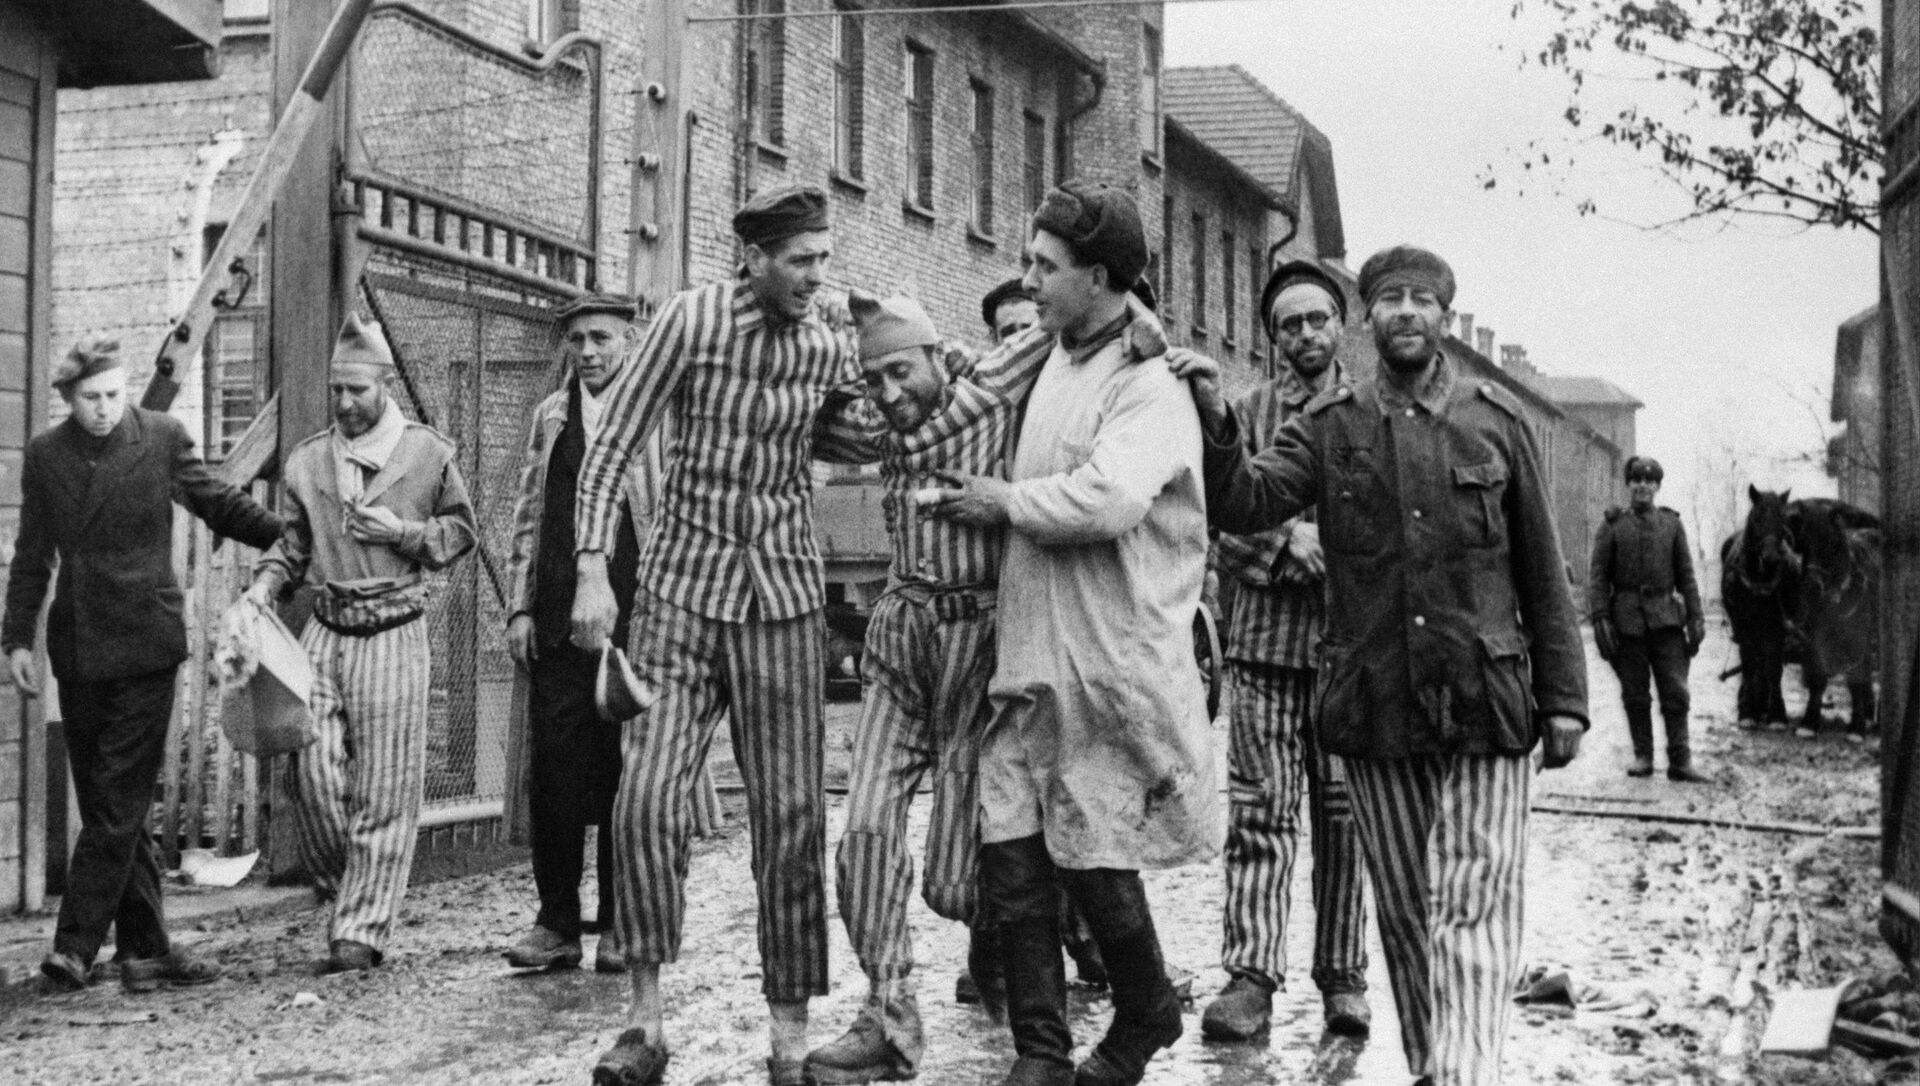 Borci Crvene armije oslobađaju zarobljenike iz nemačkog nacističkog logora Aušvic. - Sputnik Srbija, 1920, 03.06.2021